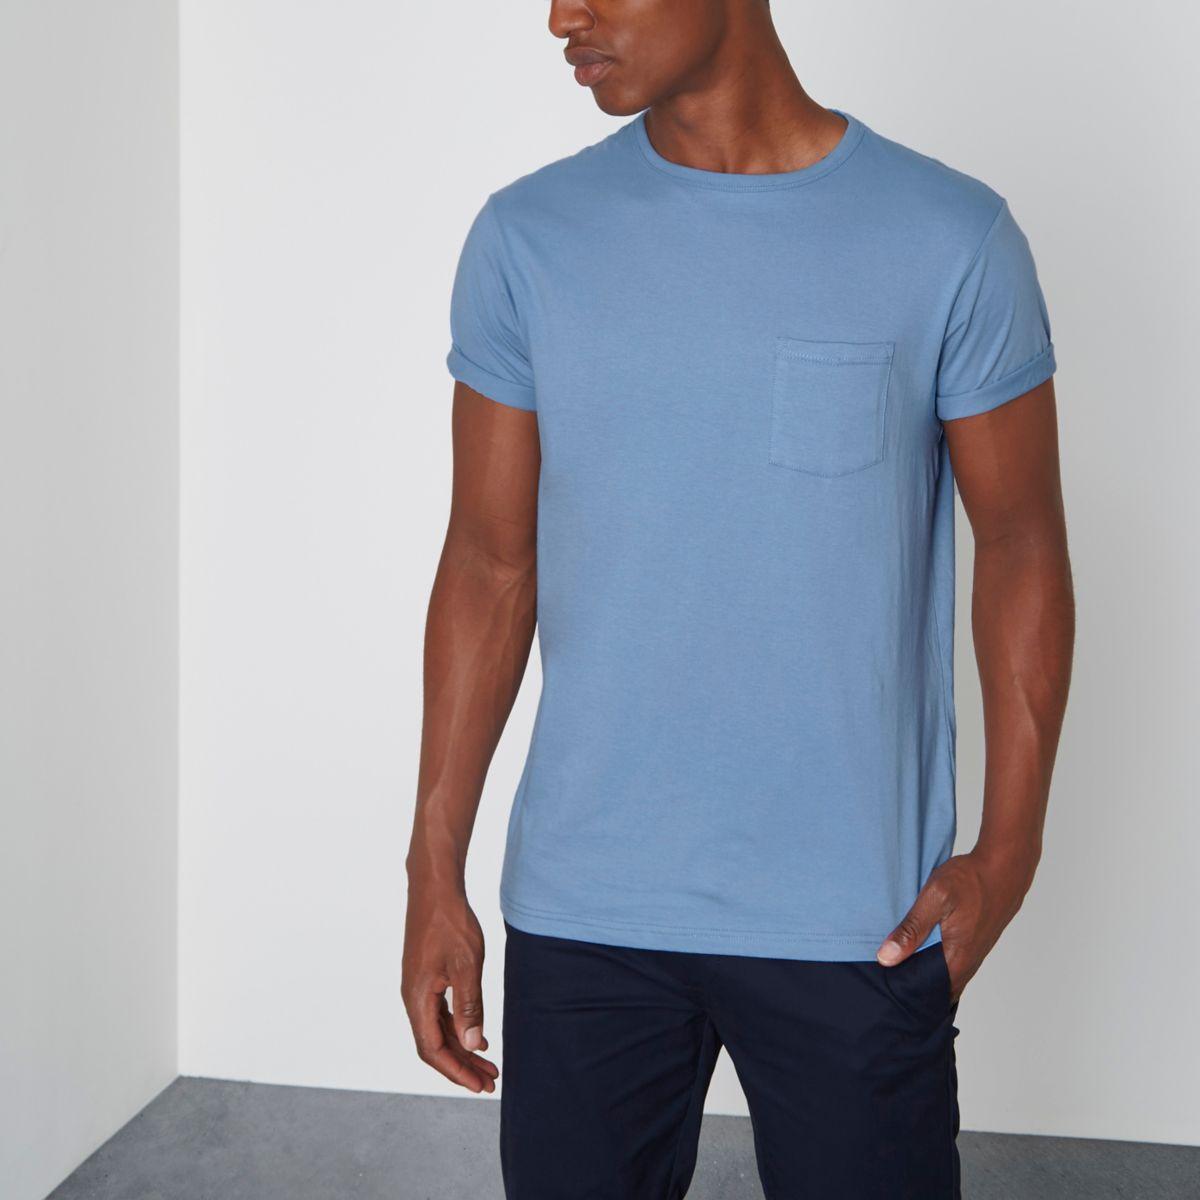 Babyblaues T-Shirt mit Rollärmeln